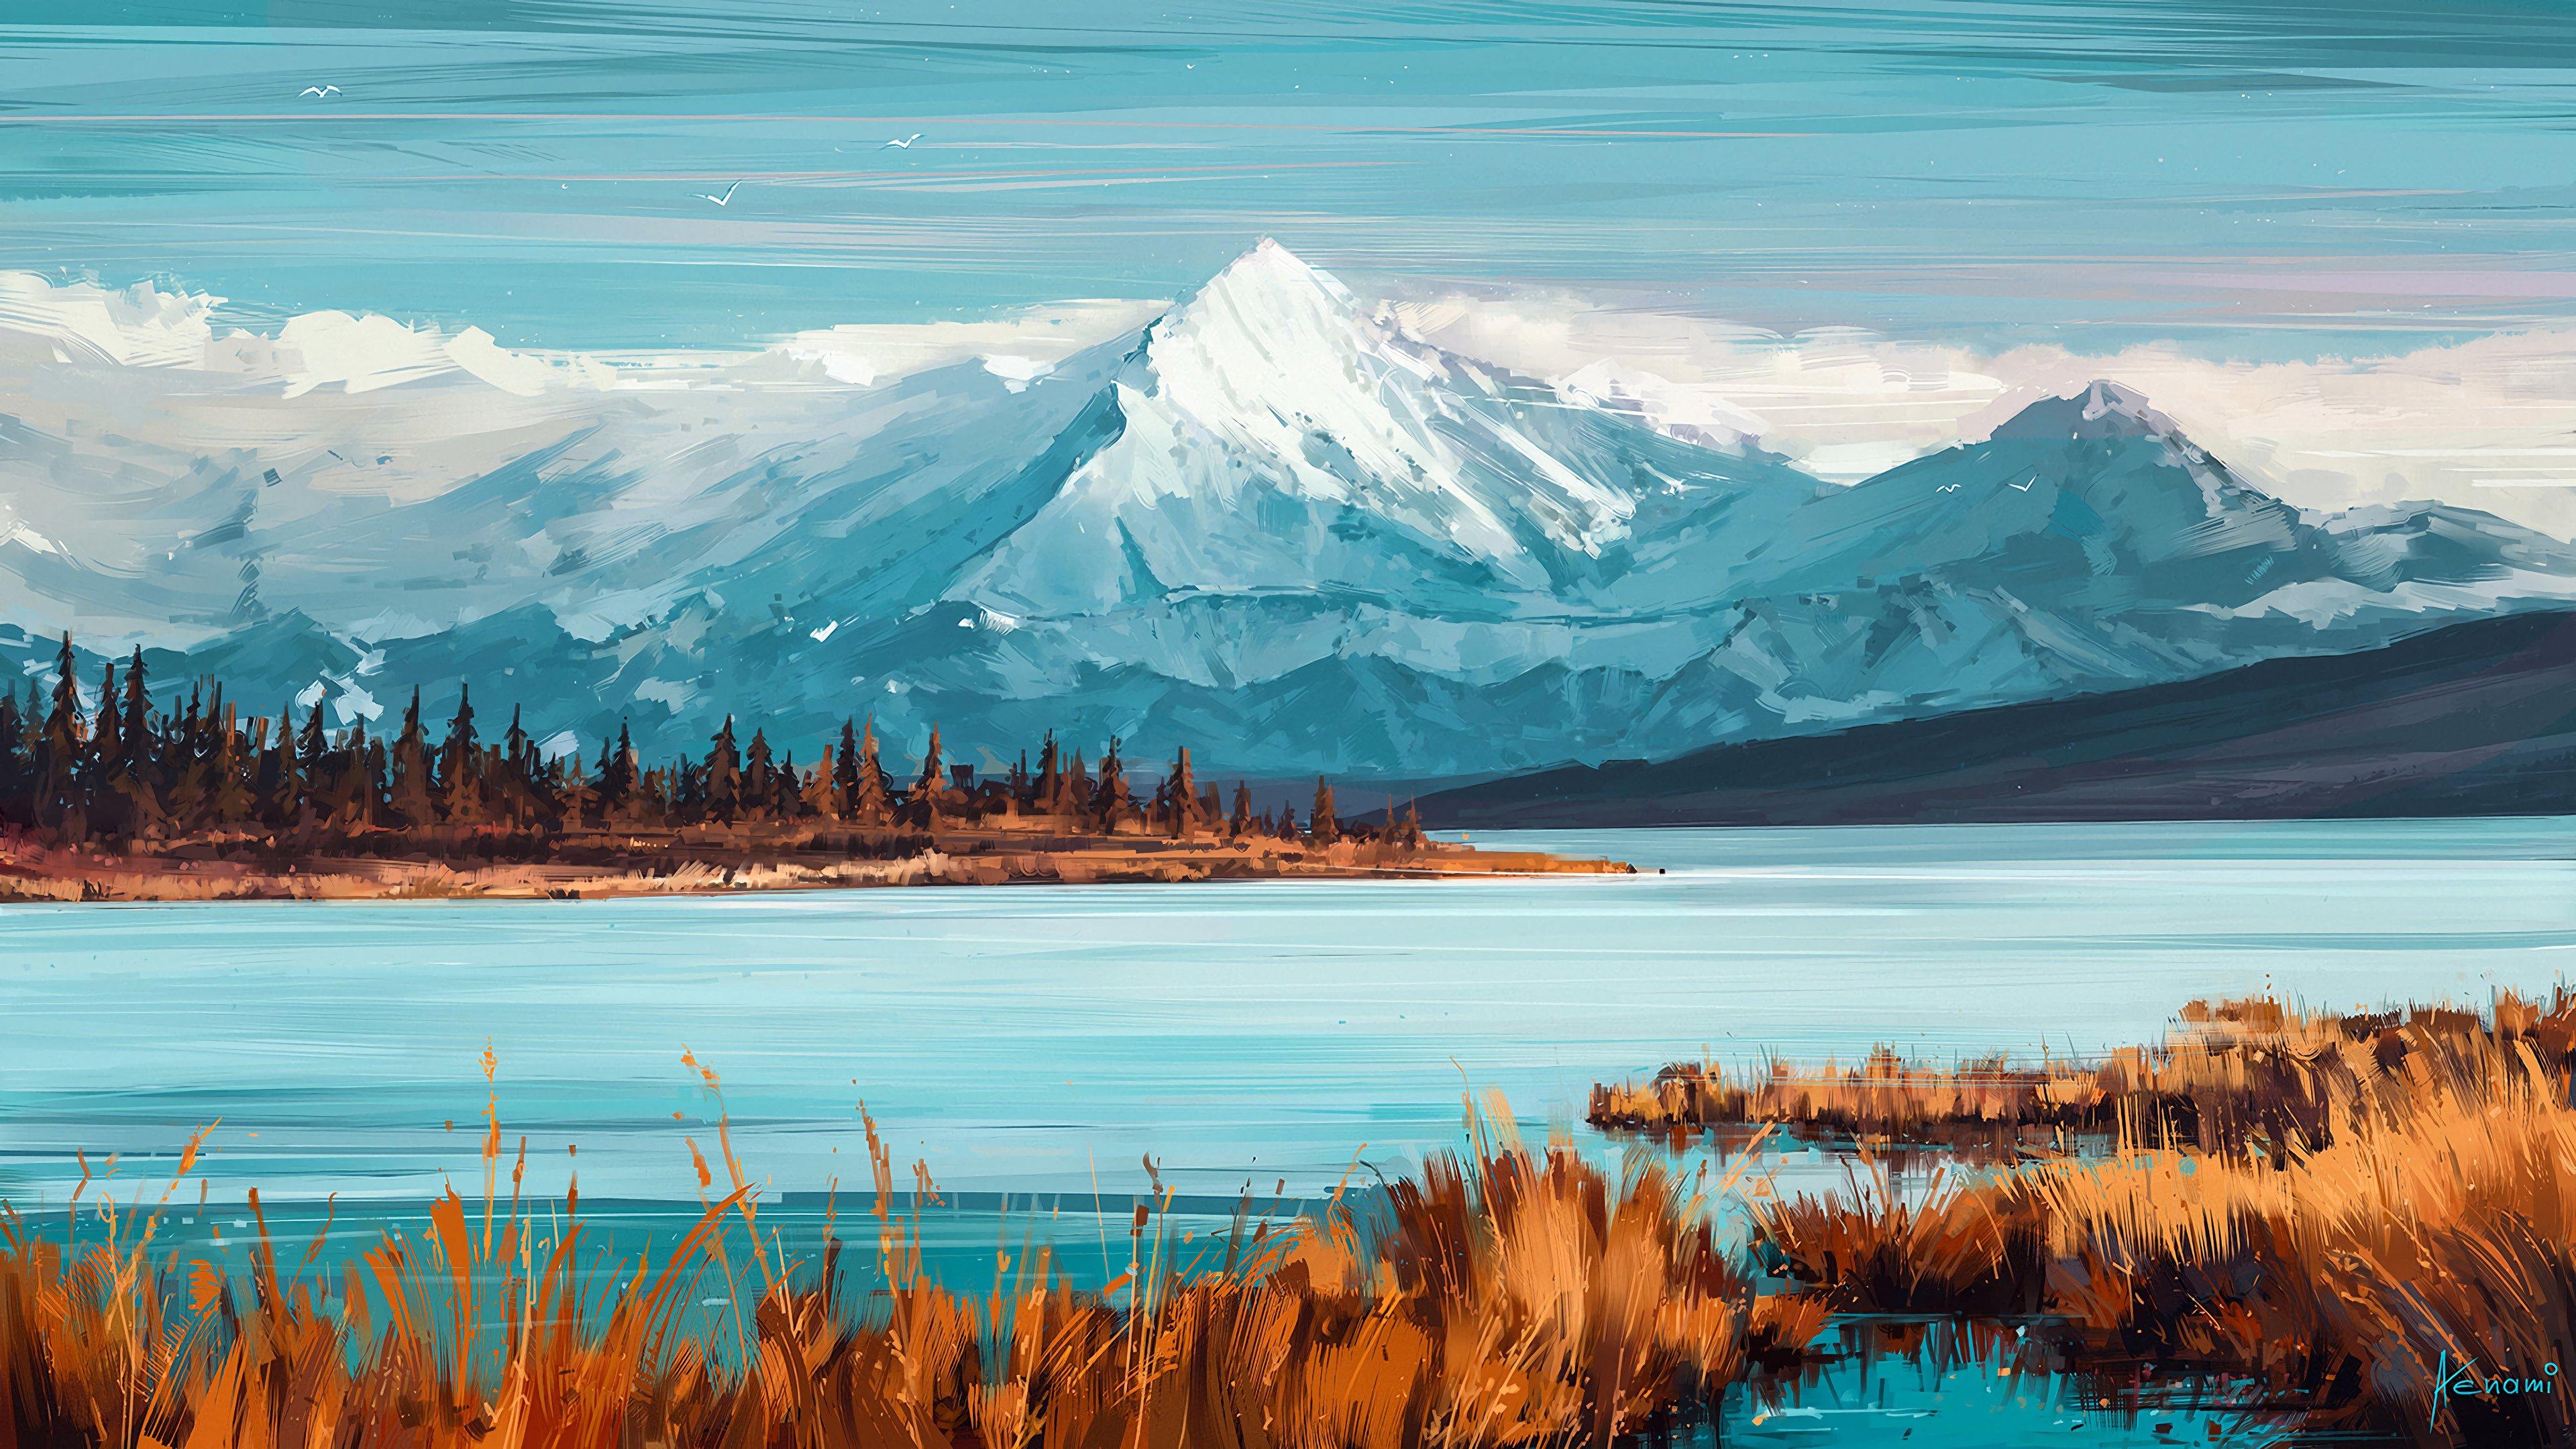 Fondos de pantalla Montañas y lago como arte digital